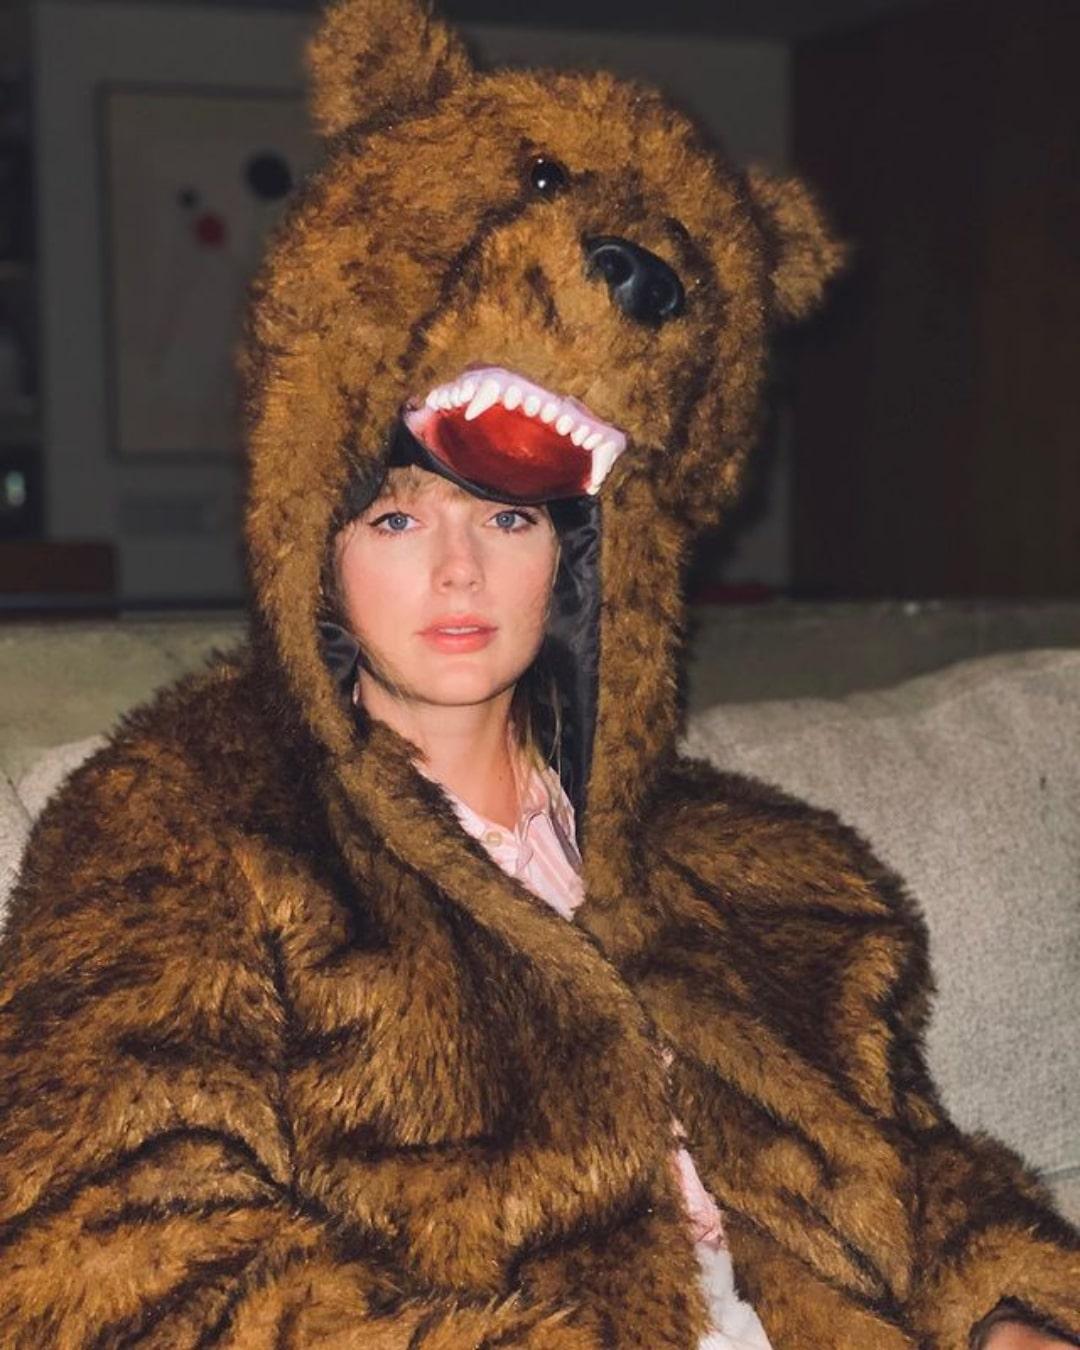 8 lanzamientos recientes que debes escuchar: Taylor Swift + Rhye + Courtney Barnett y más